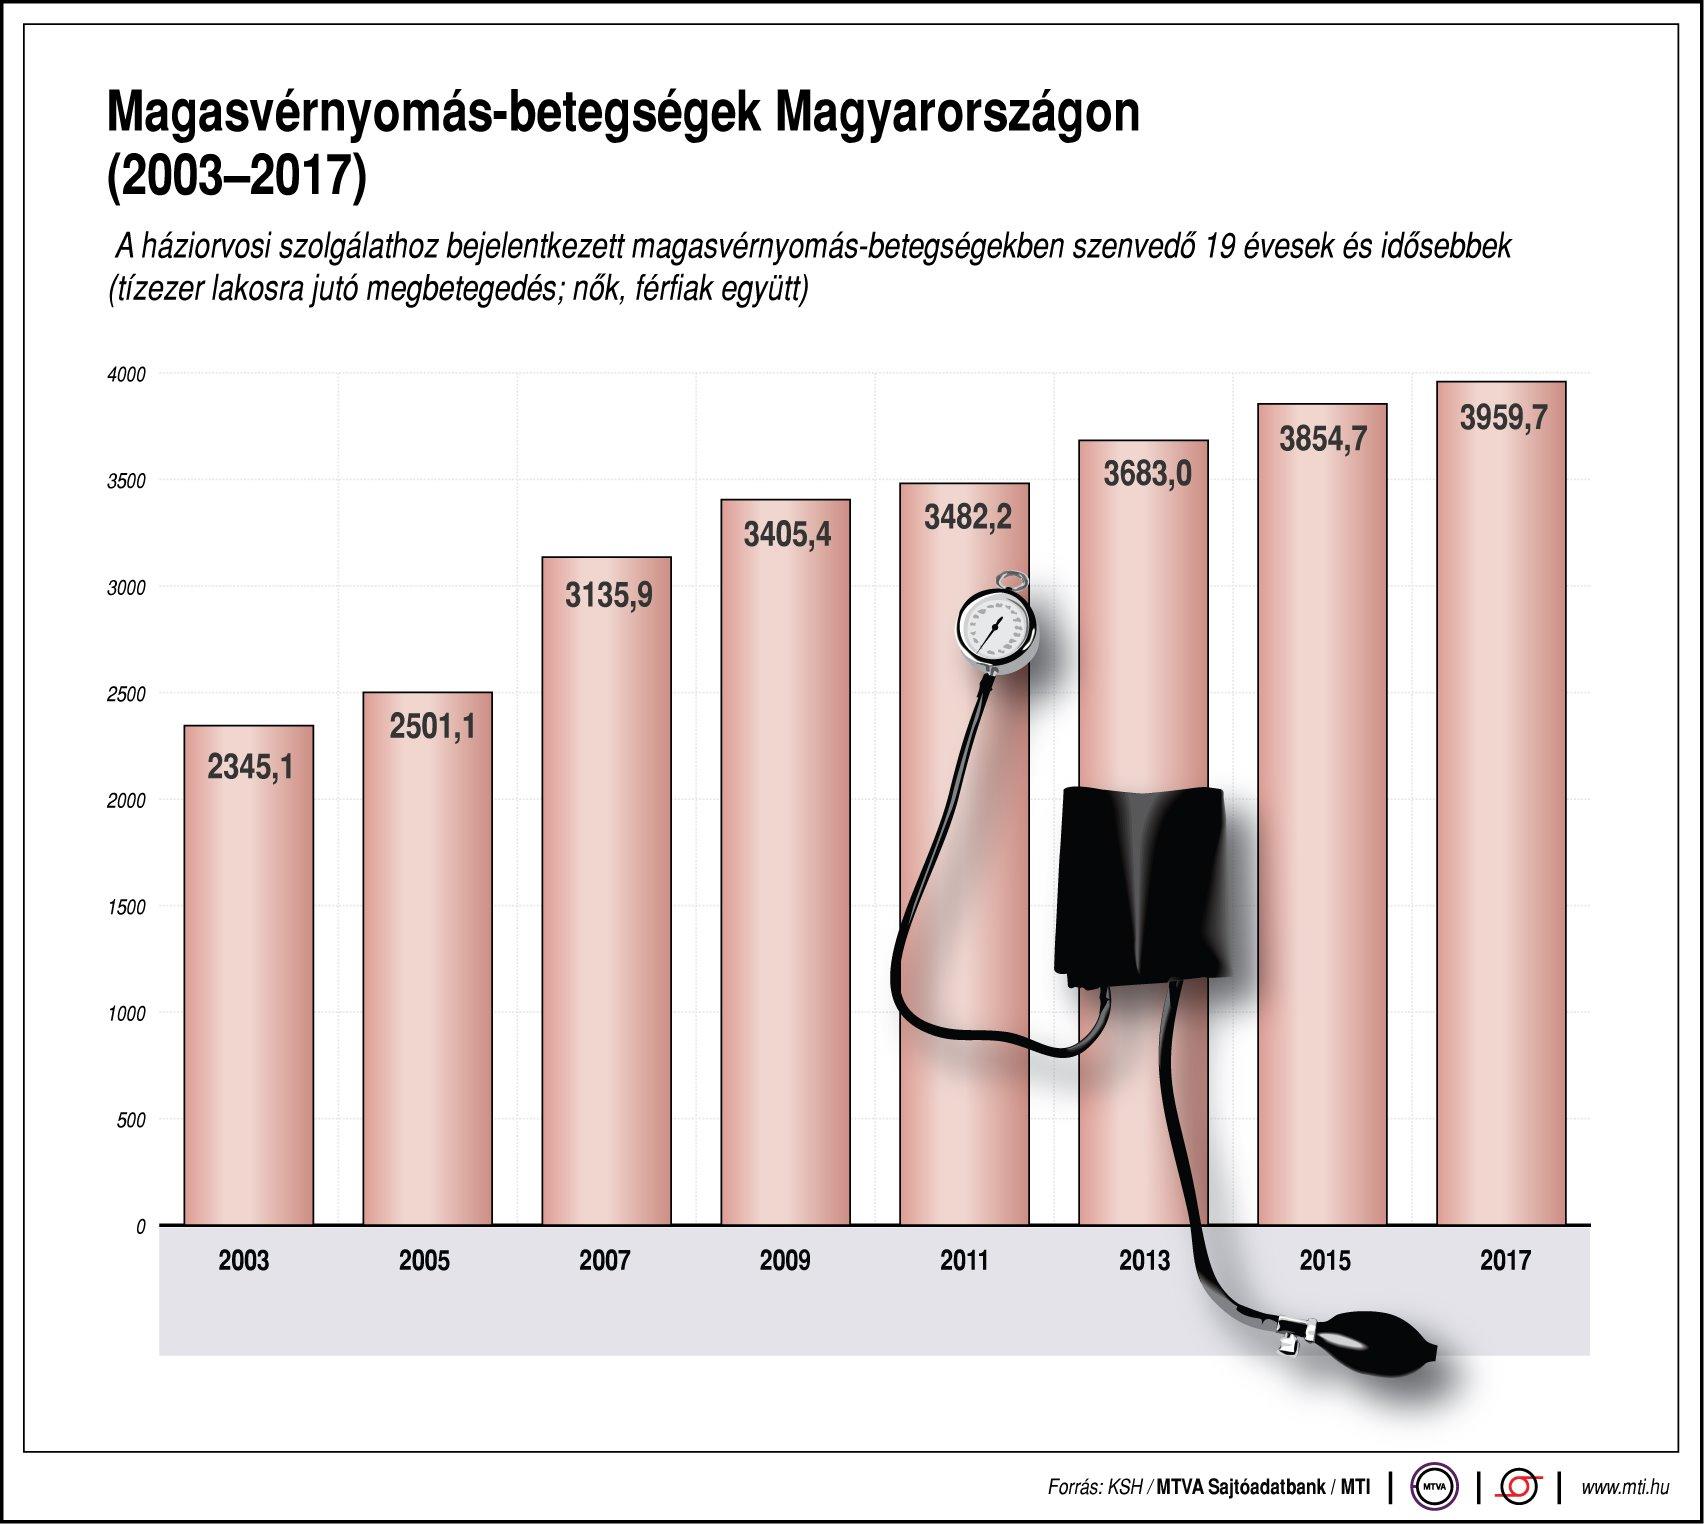 magas vérnyomás, mi fog történni, ha nem kezelik laskagomba magas vérnyomás ellen